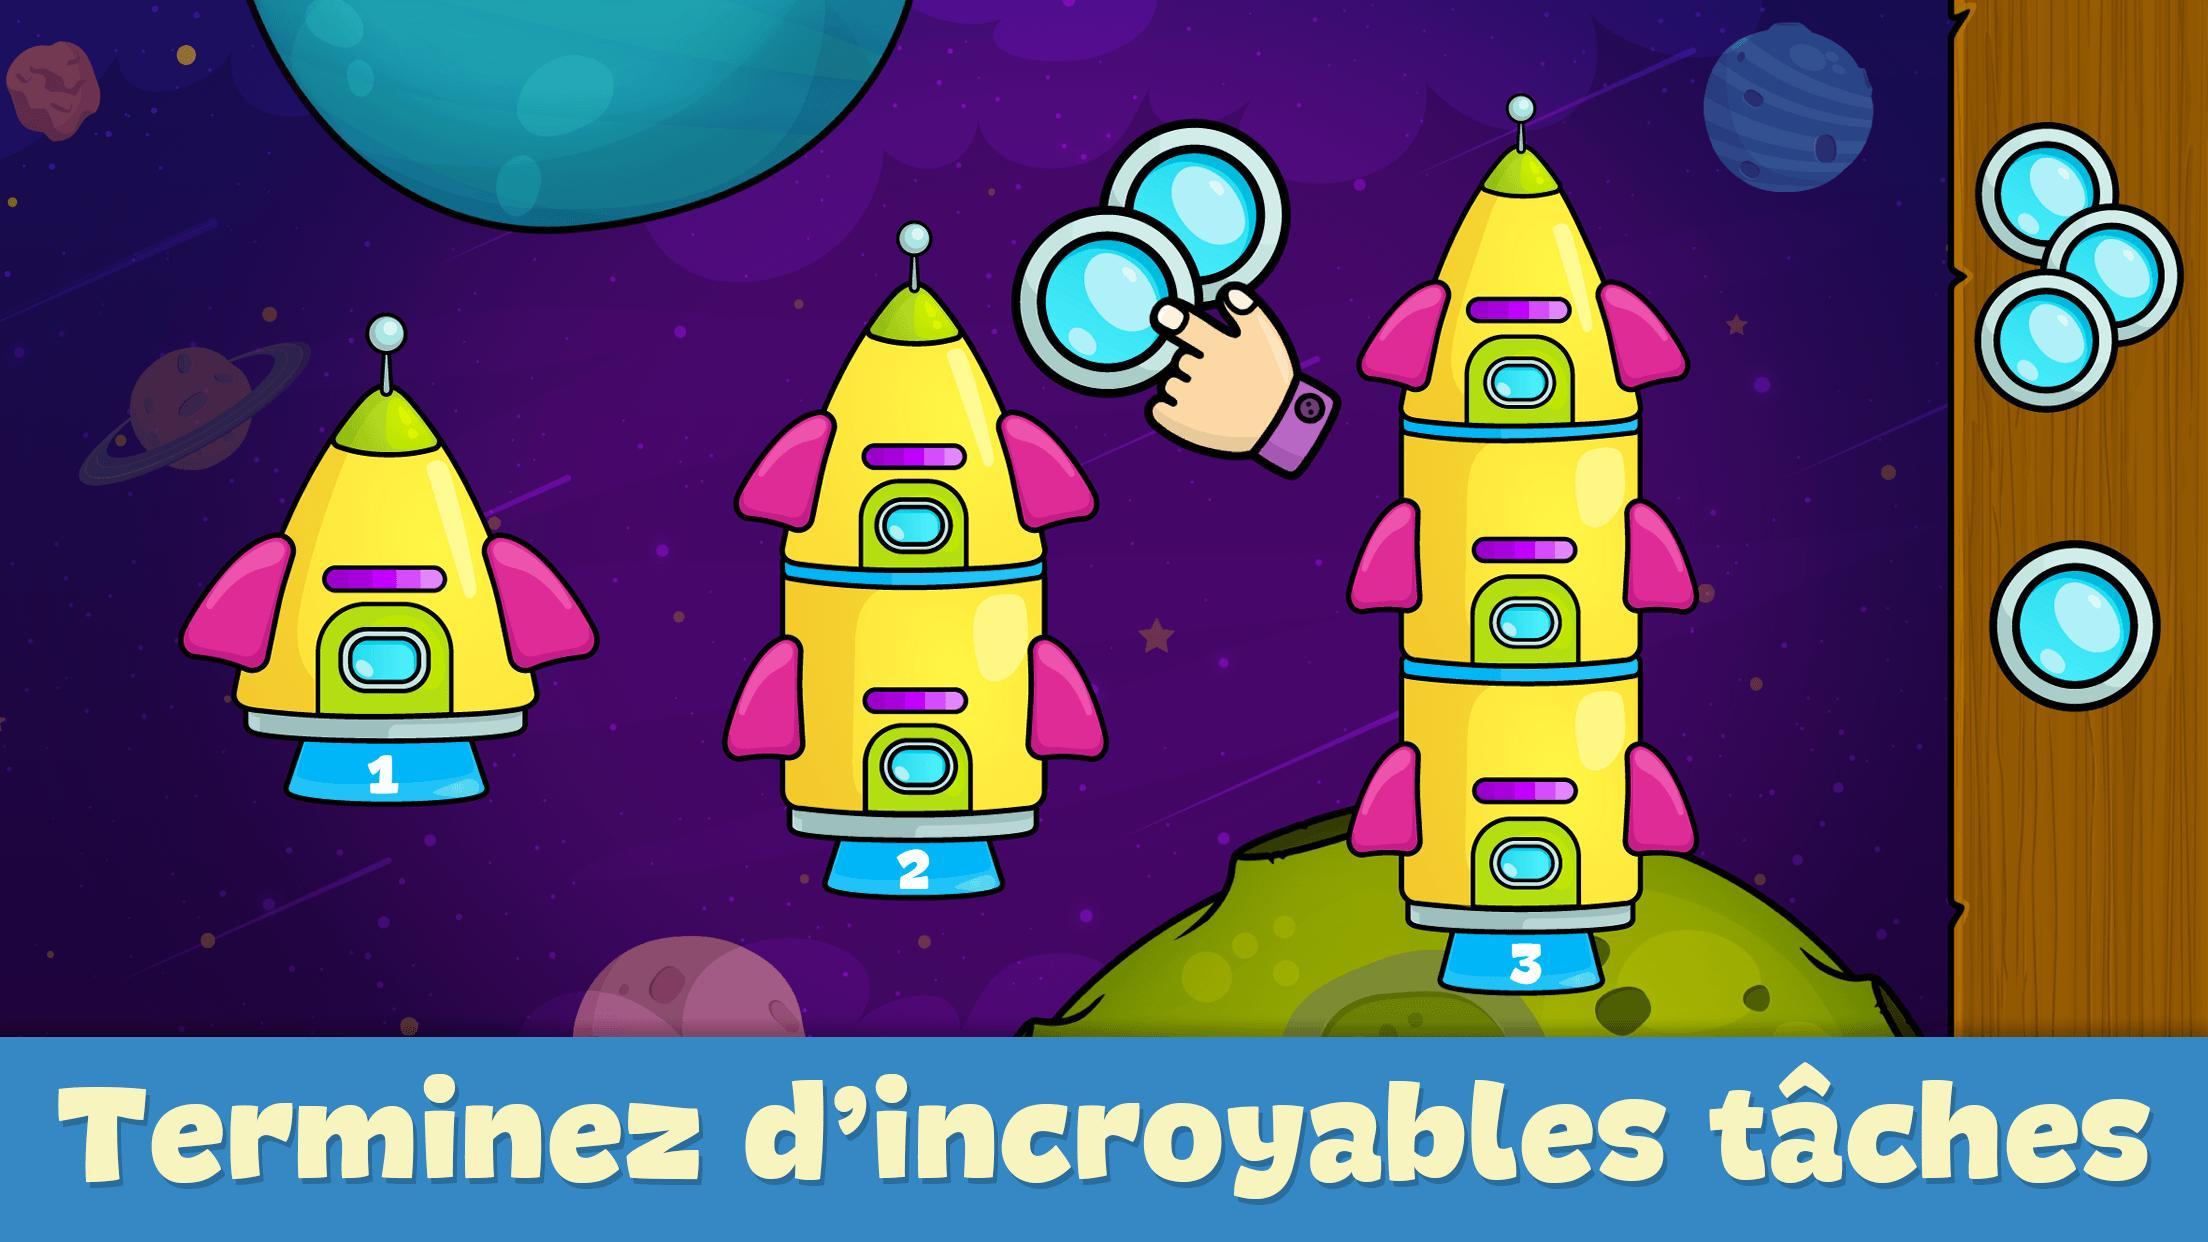 Jeux Pour Enfants 2 - 5 Ans Pour Android - Téléchargez L'apk avec Jeux De Garcon Gratuit 3 Ans